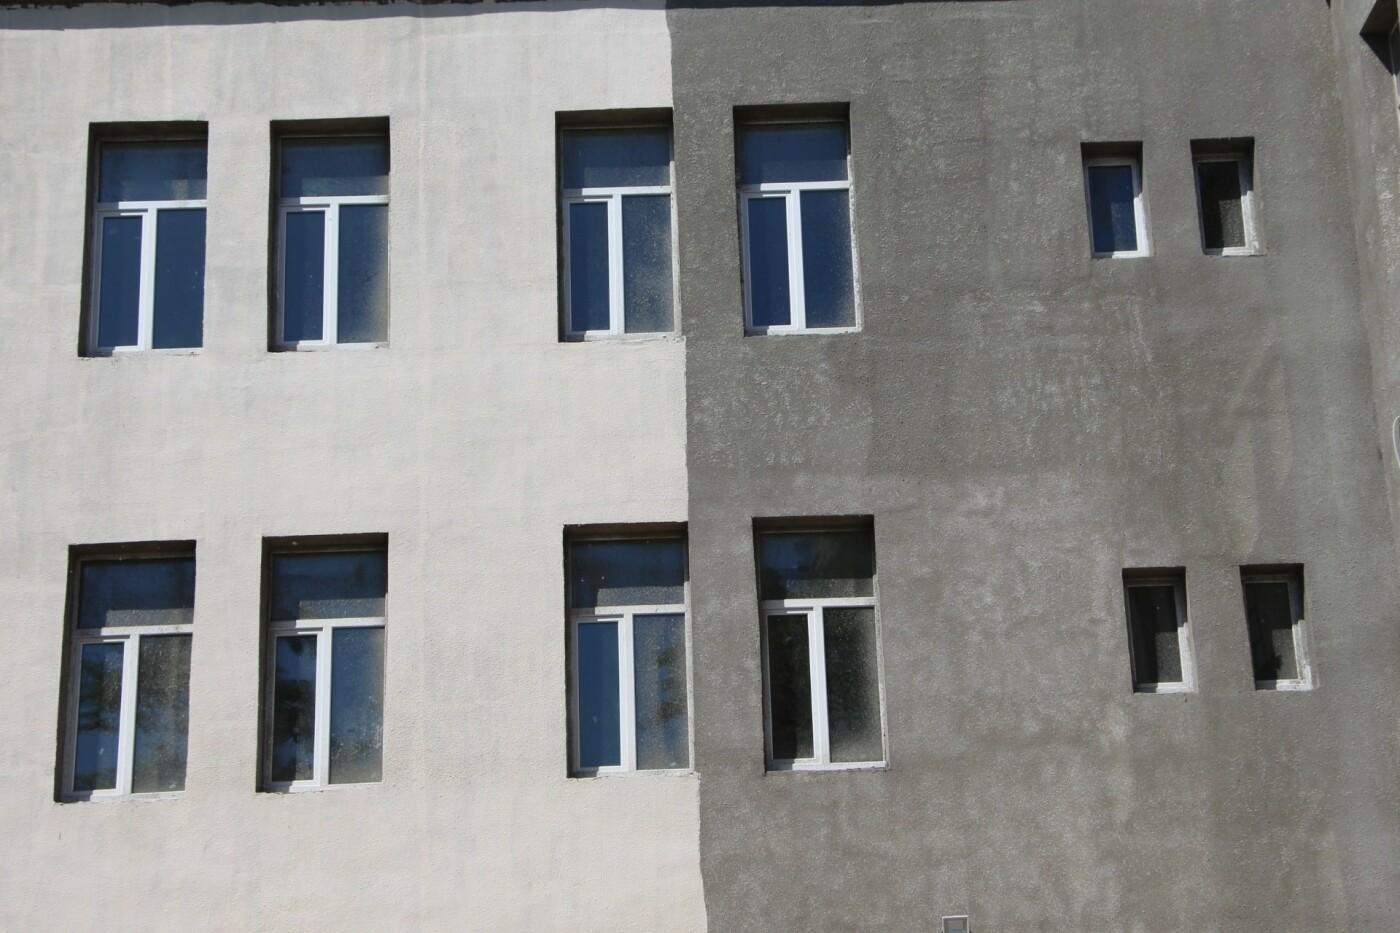 В Шевченковском районе Запорожья заканчивают реконструкцию семейной амбулатории, – ФОТО, фото-10